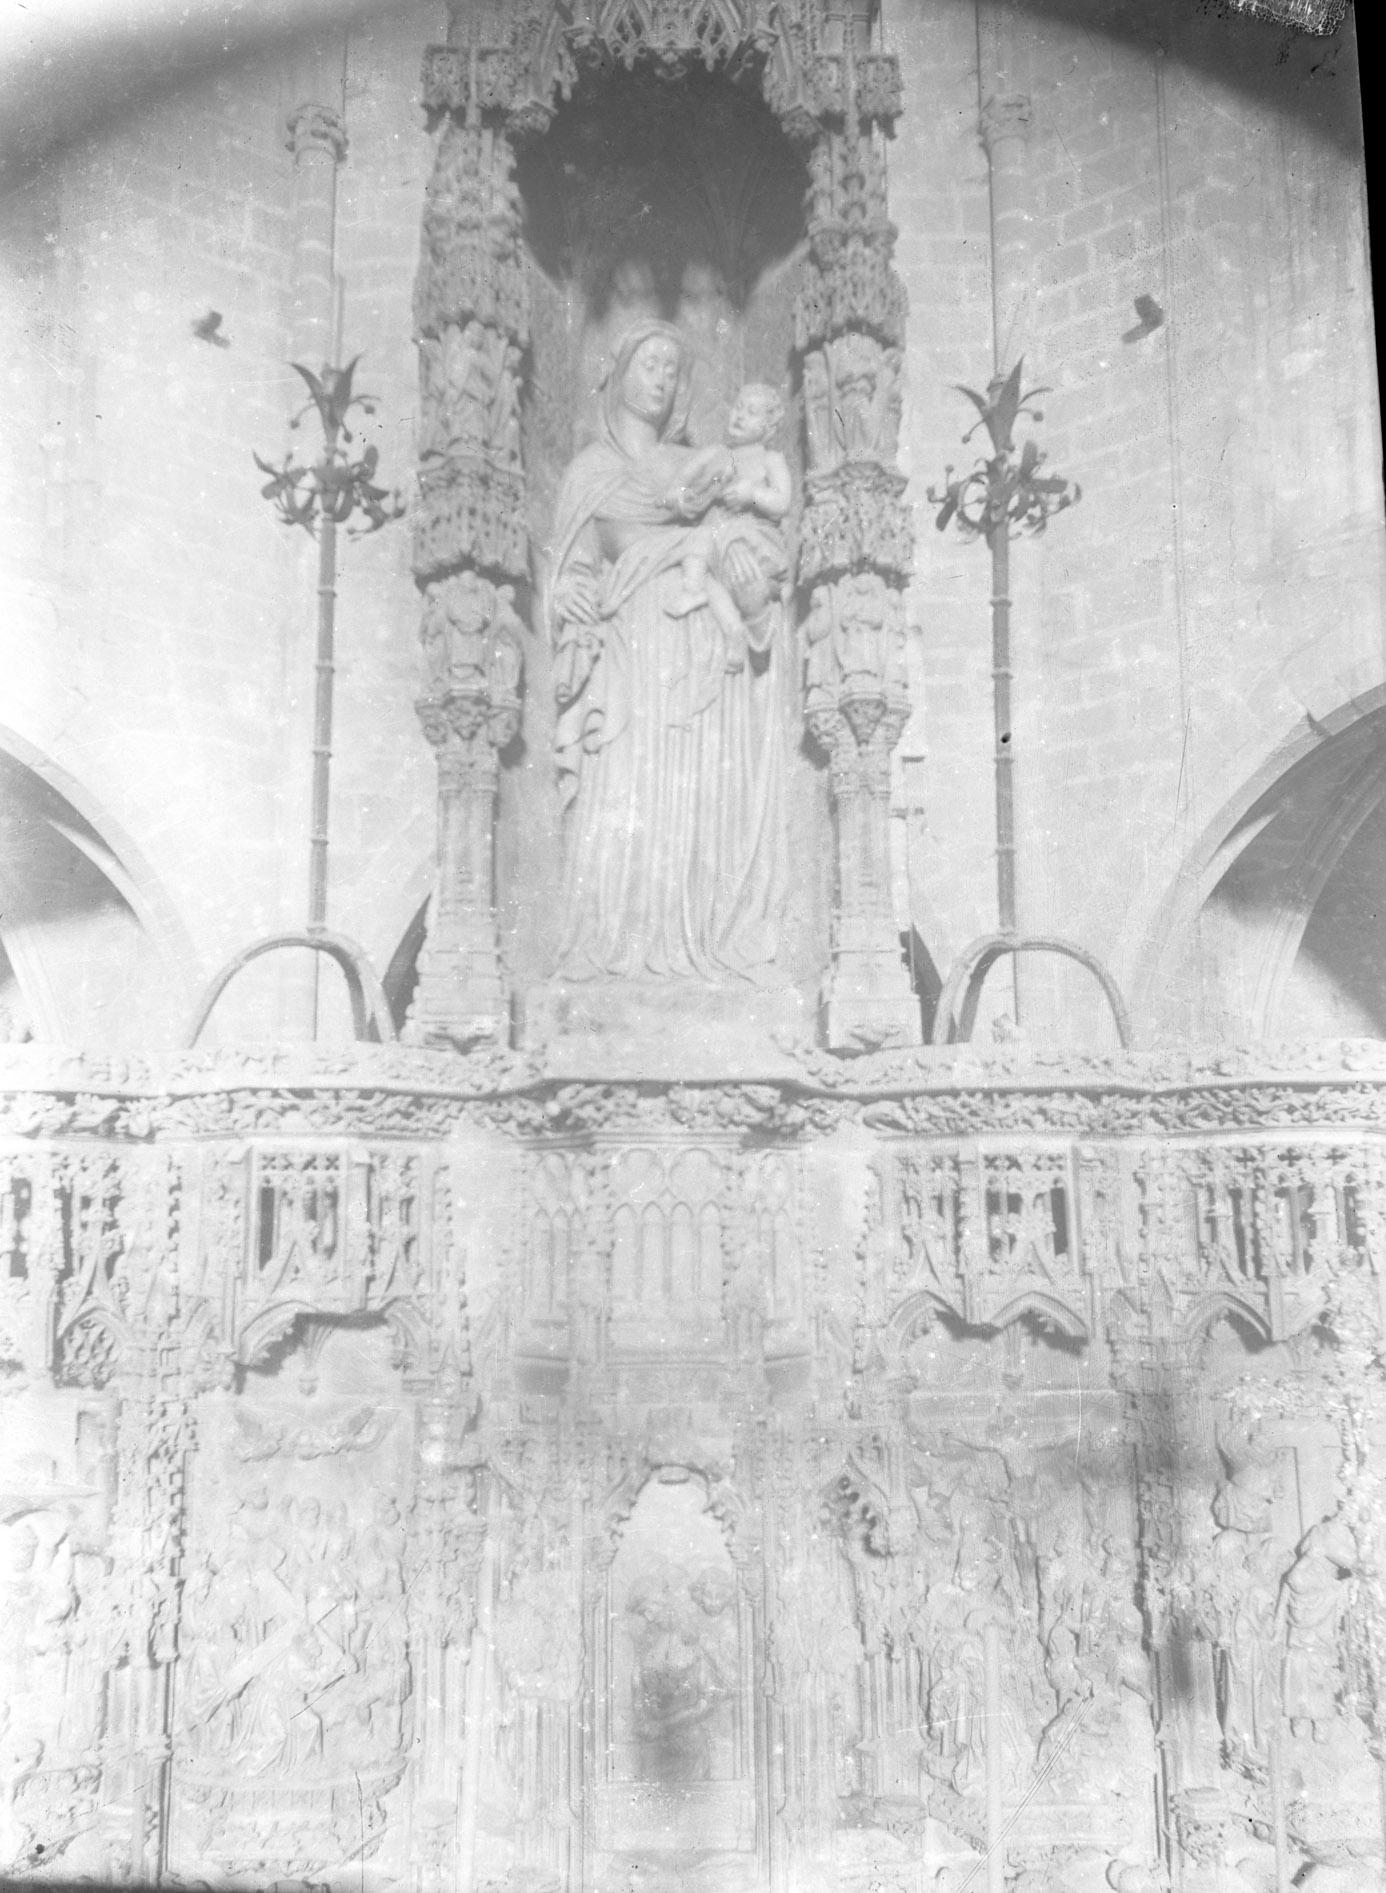 Vista parcial del retaule major gòtic de la basílica de Santa Maria, a Castelló d'Empúries, entre els anys 1942 i 1944 (ACGAX. Fons Sadurní Brunet Pi. Autor: Sadurní Brunet)